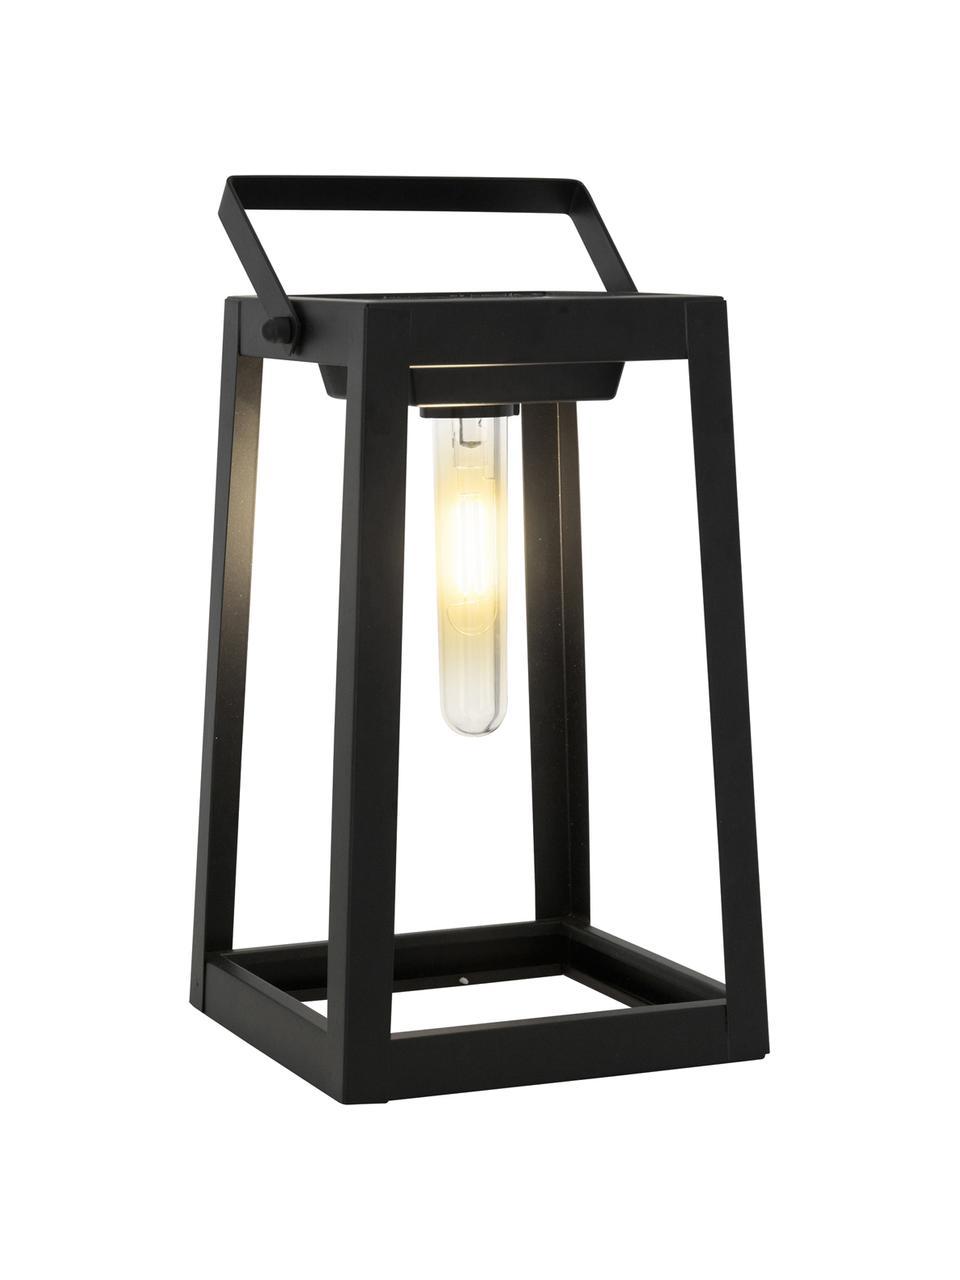 Lampada da tavolo solare da esterno Tippy, Struttura: metallo, Paralume: materiale sintetico, Nero, Larg. 15 x Alt. 31 cm